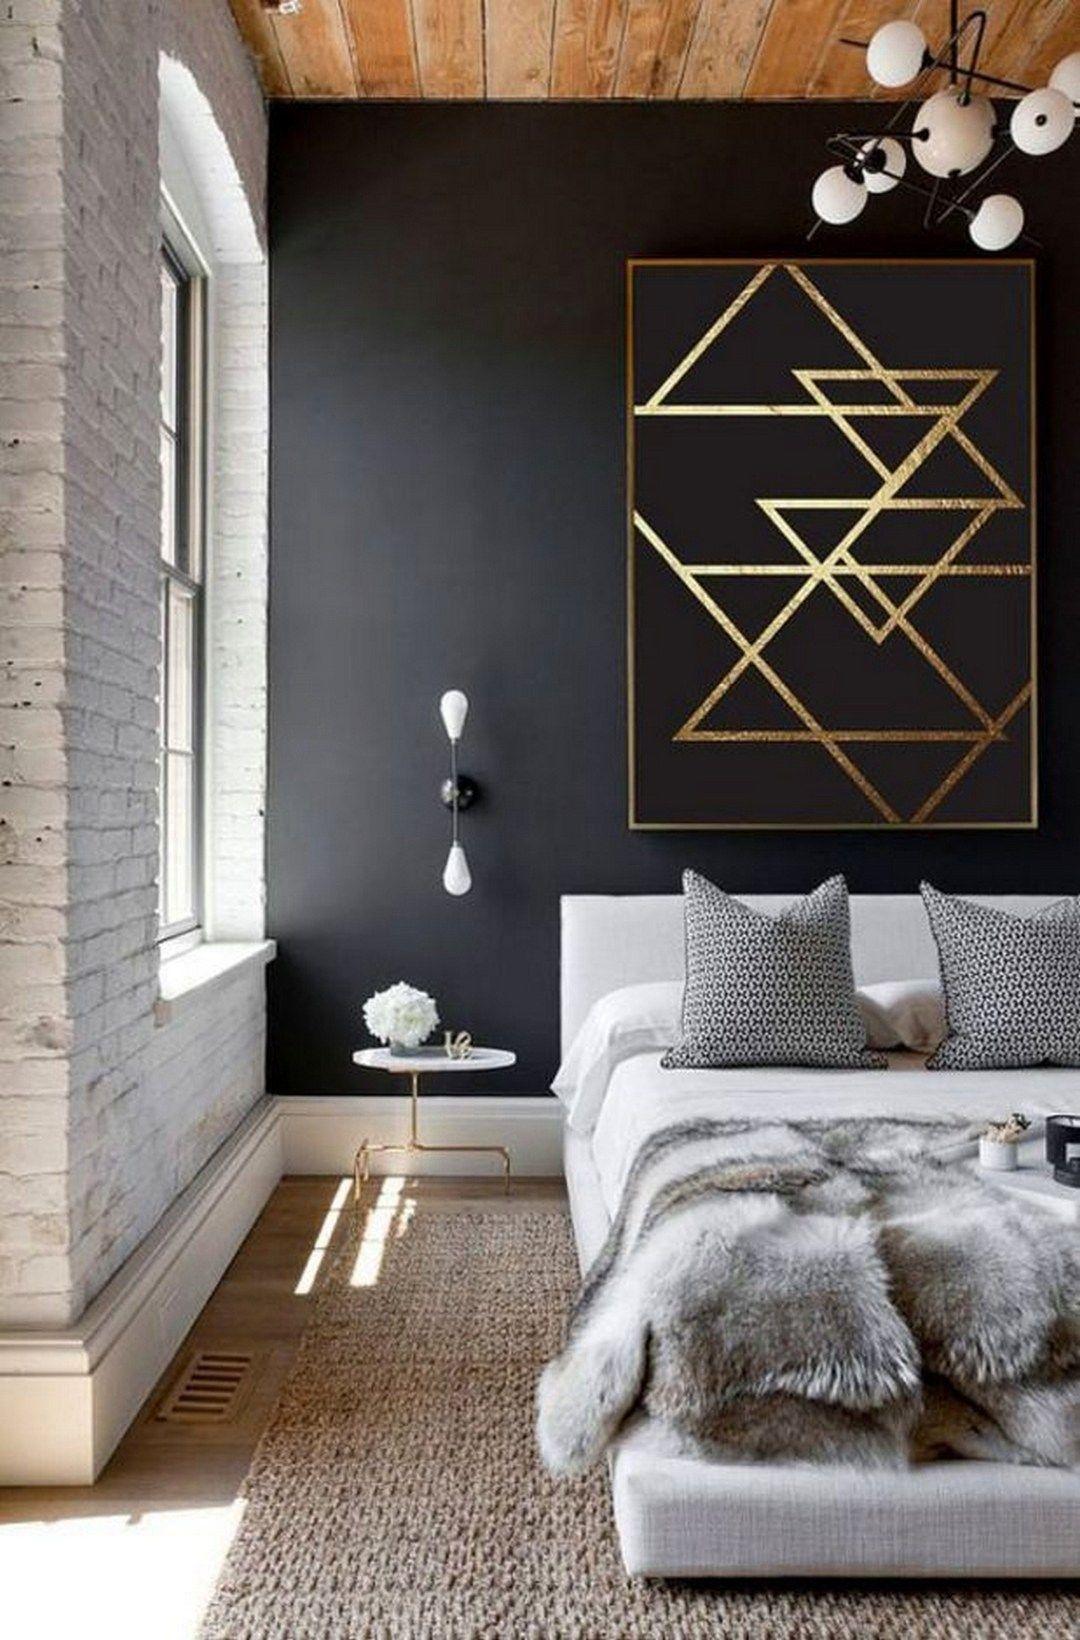 fantastic minimalist home decor ideas minimalist bedrooms and